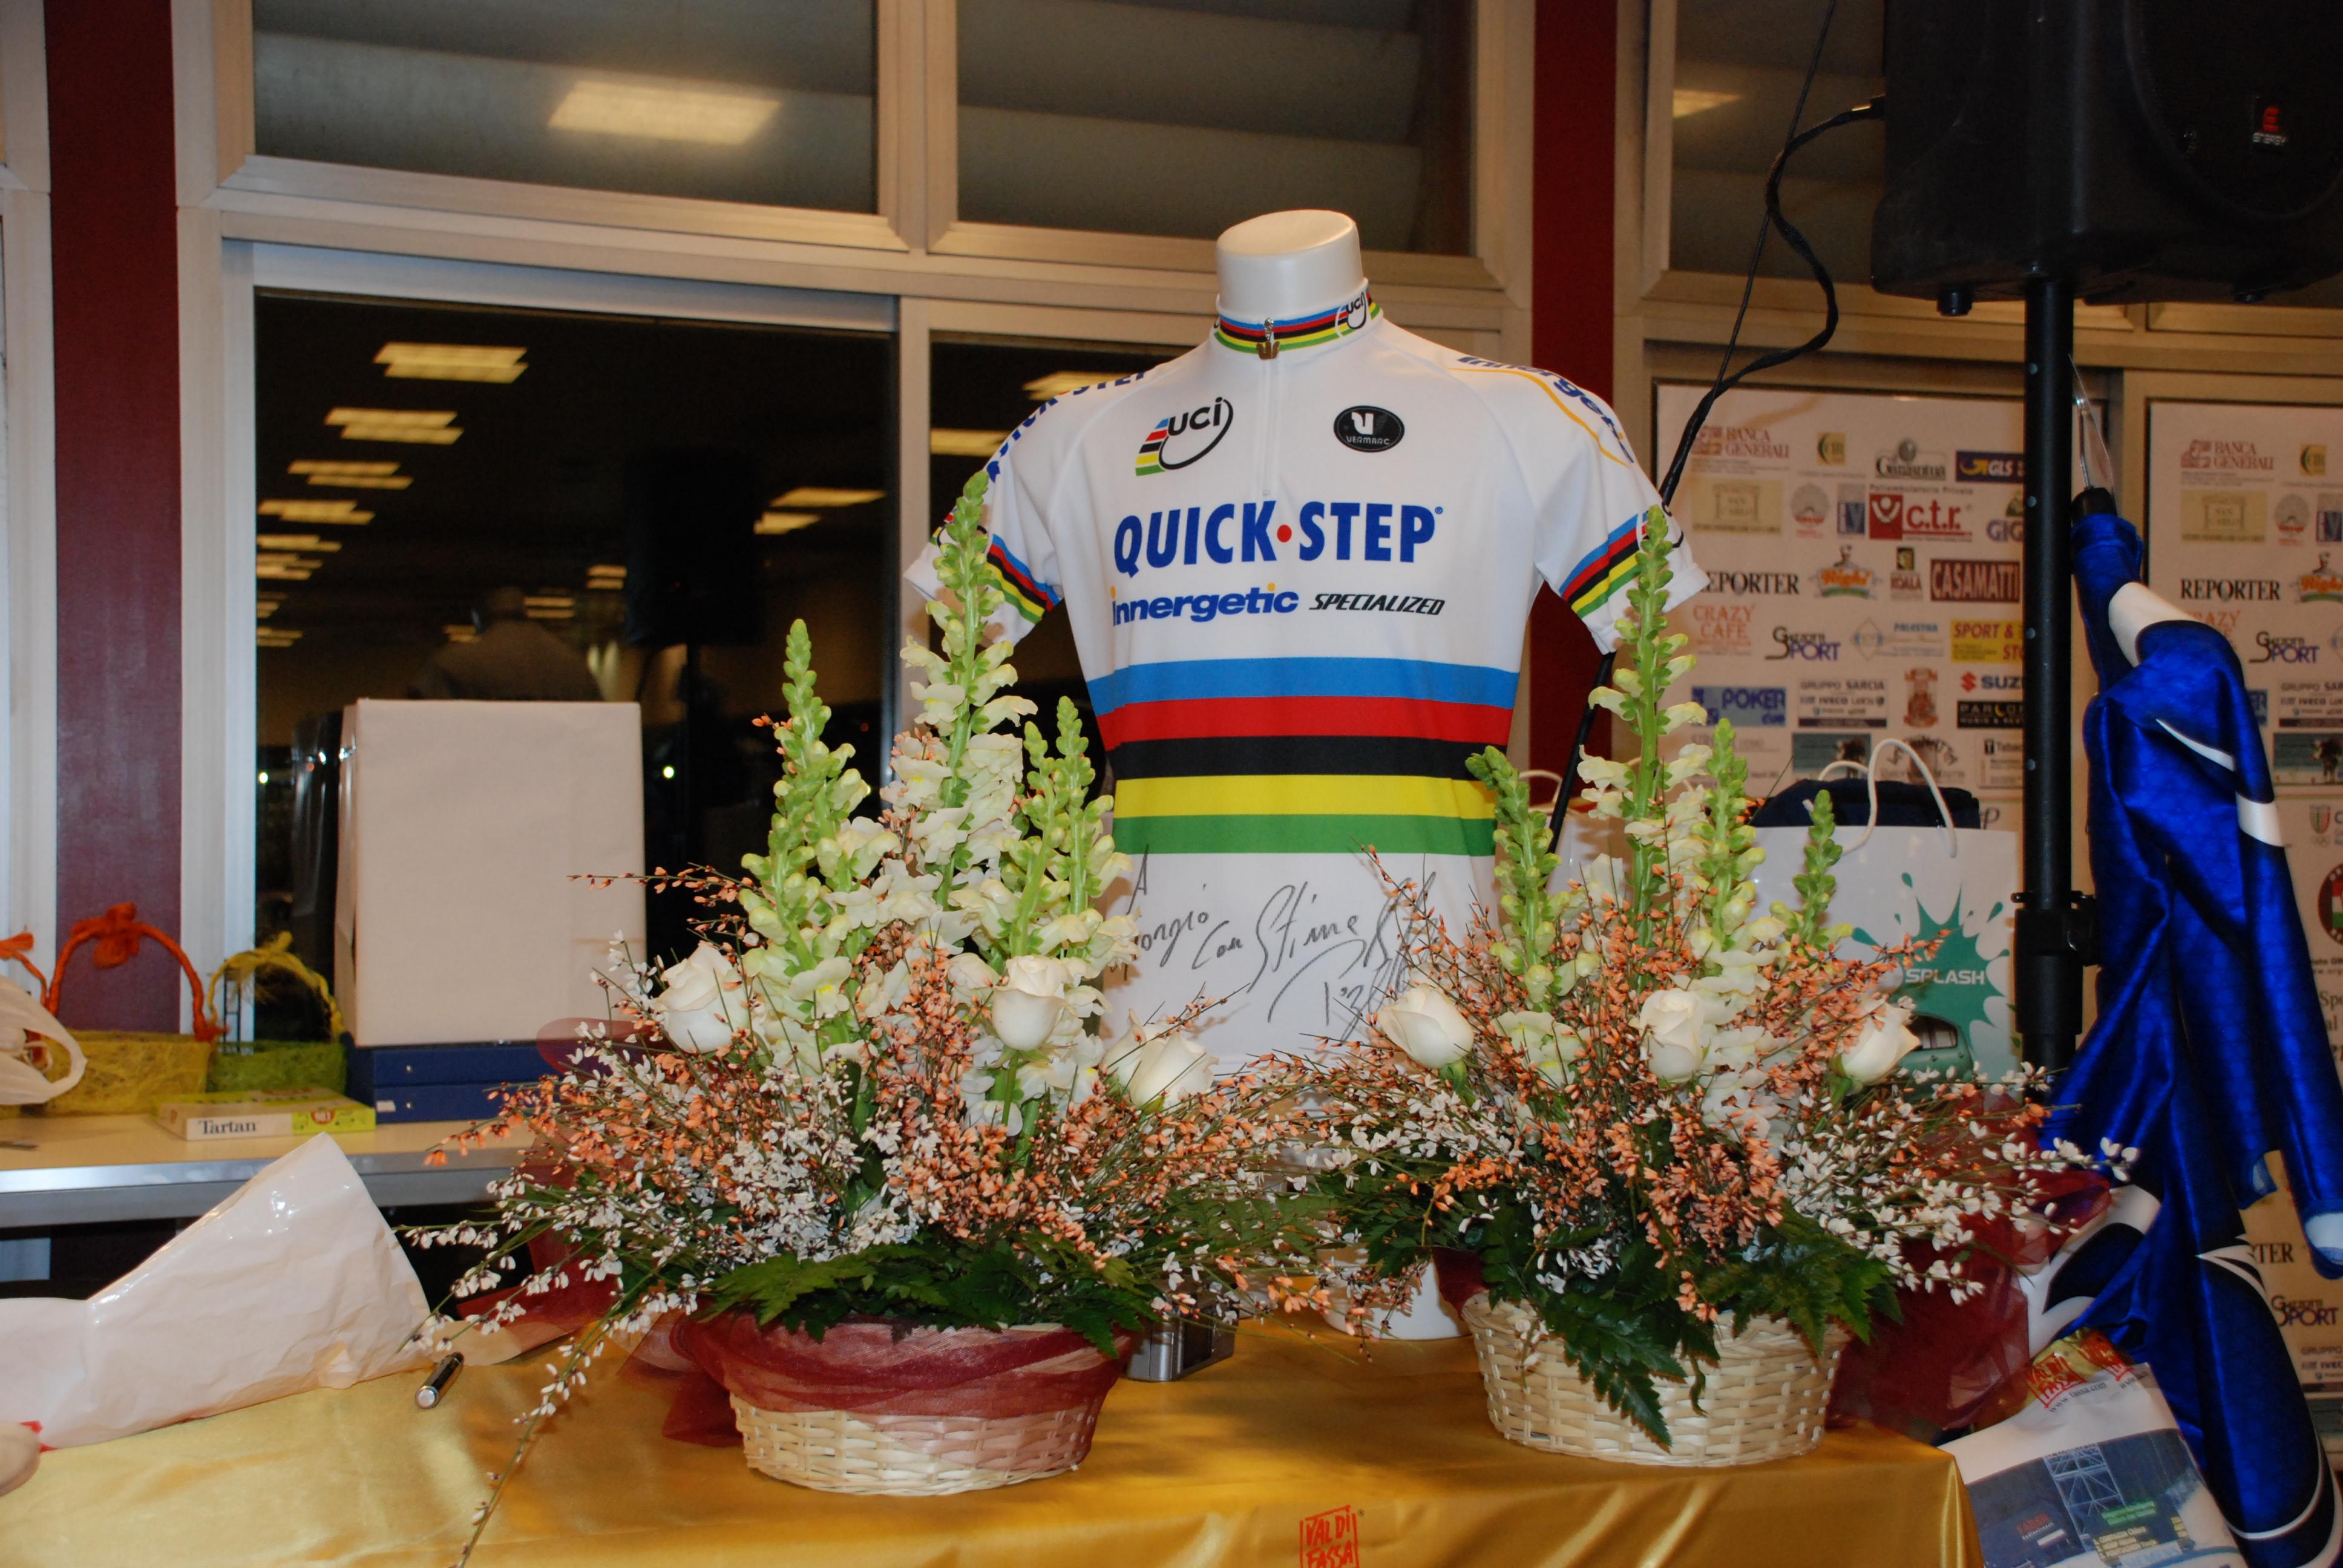 Gala maglia Bettini campione del mondo ciclismo per asta